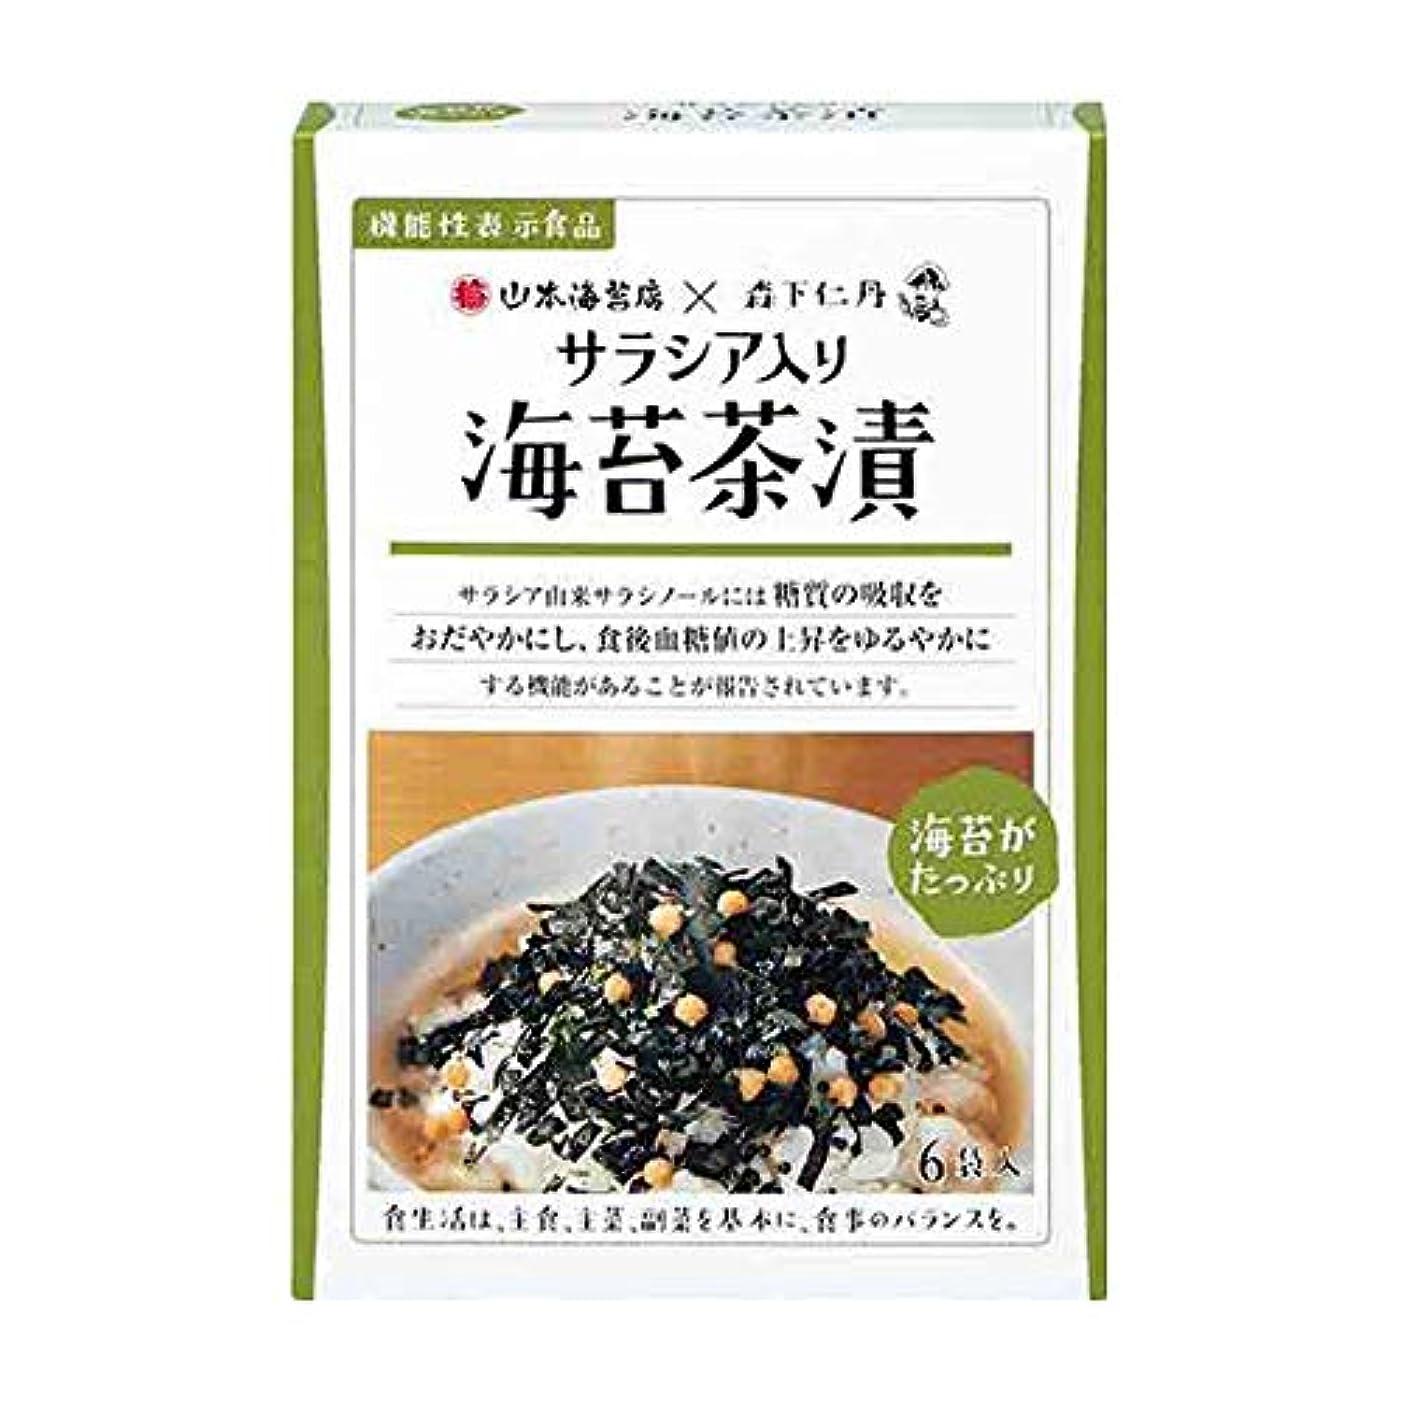 いつかアイザック表面森下仁丹 海苔茶漬 サラシア入り (6.2g×6袋) [機能性表示食品]